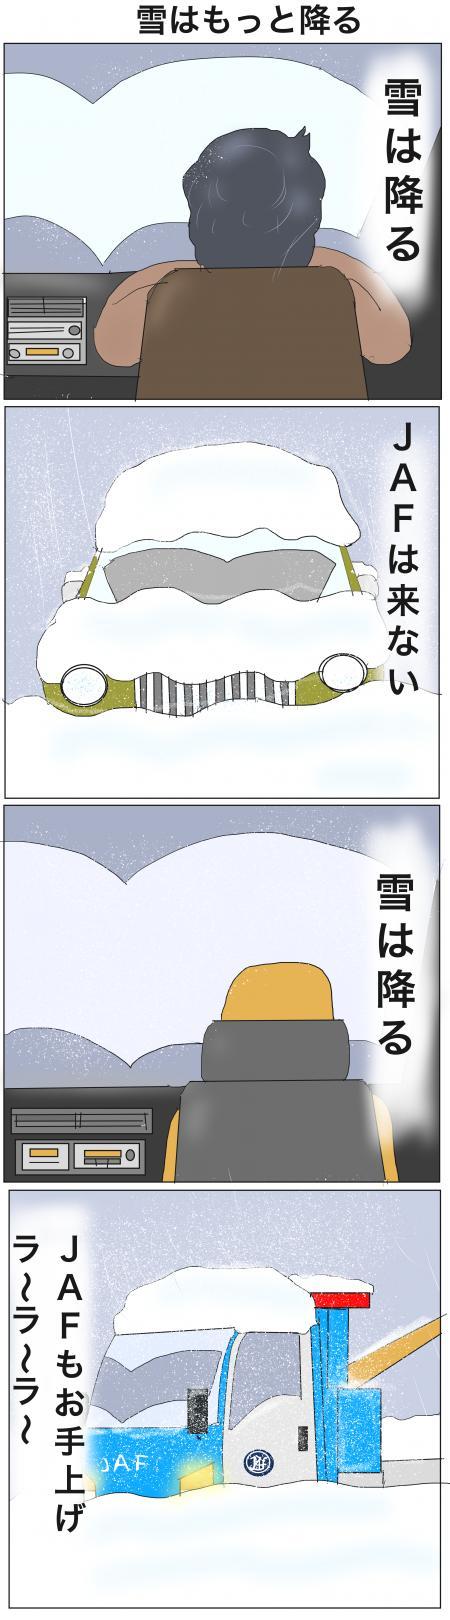 雪はもっと振る+のコピー_convert_20141217222333